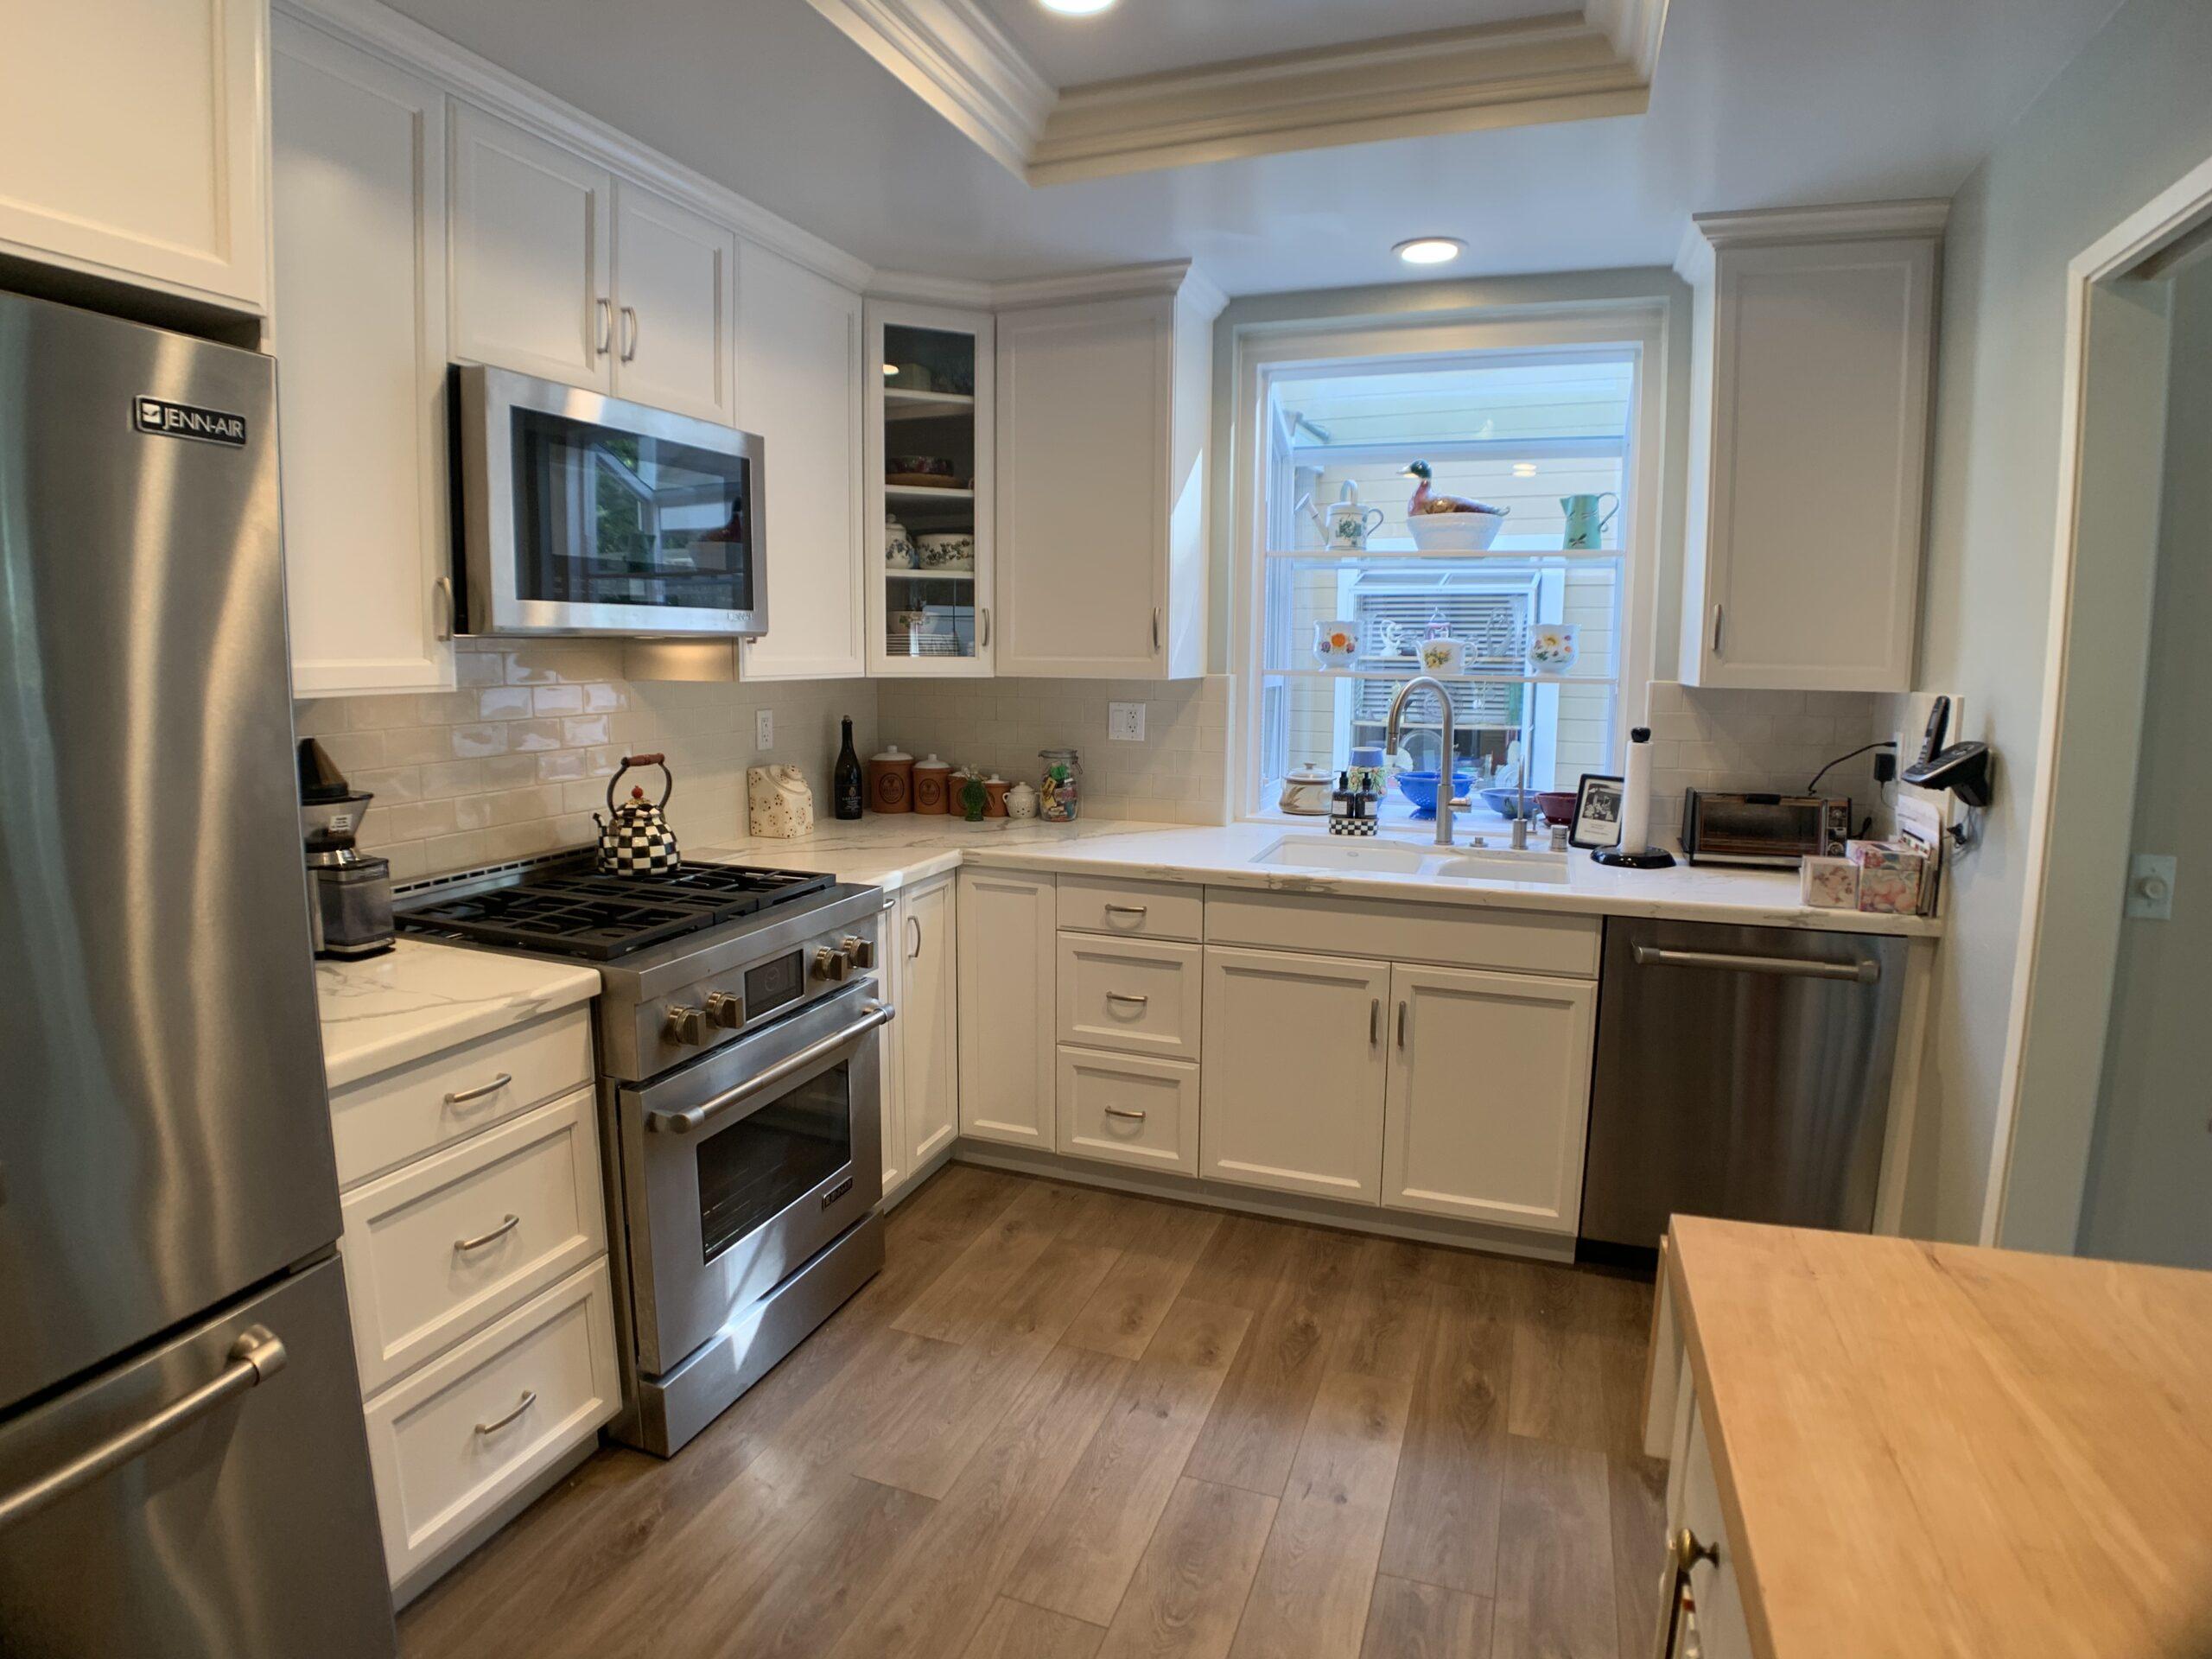 Modern Kitchen Remodel in Westlake Village CA